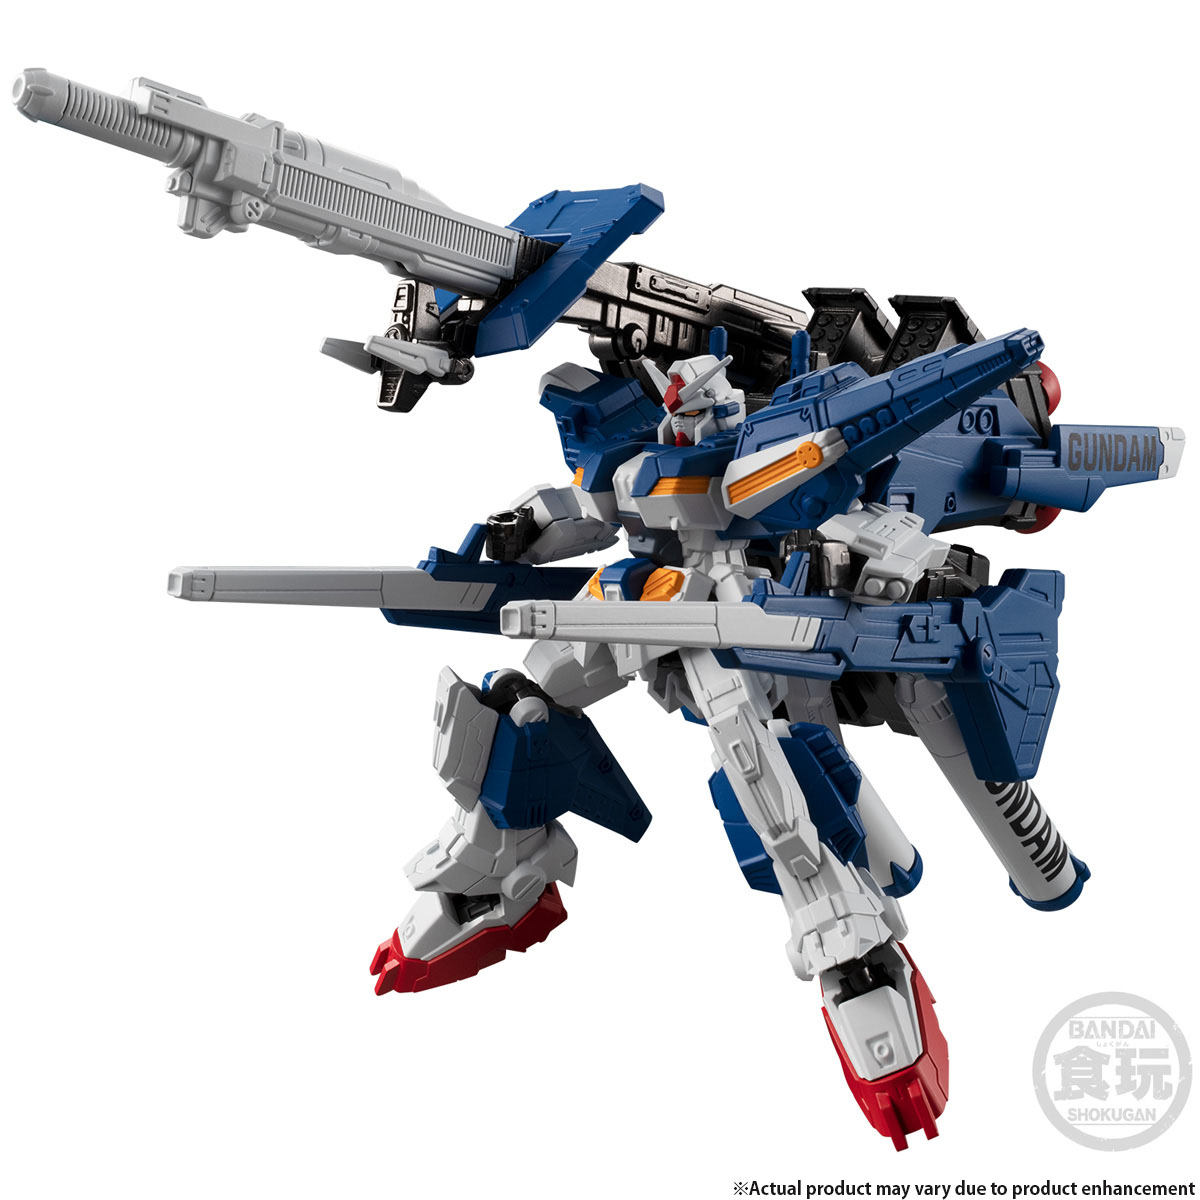 MOBILE SUIT GUNDAM G-FRAME HEAVY FULL ARMOR 7TH GUNDAM [Feb 2021 Delivery]